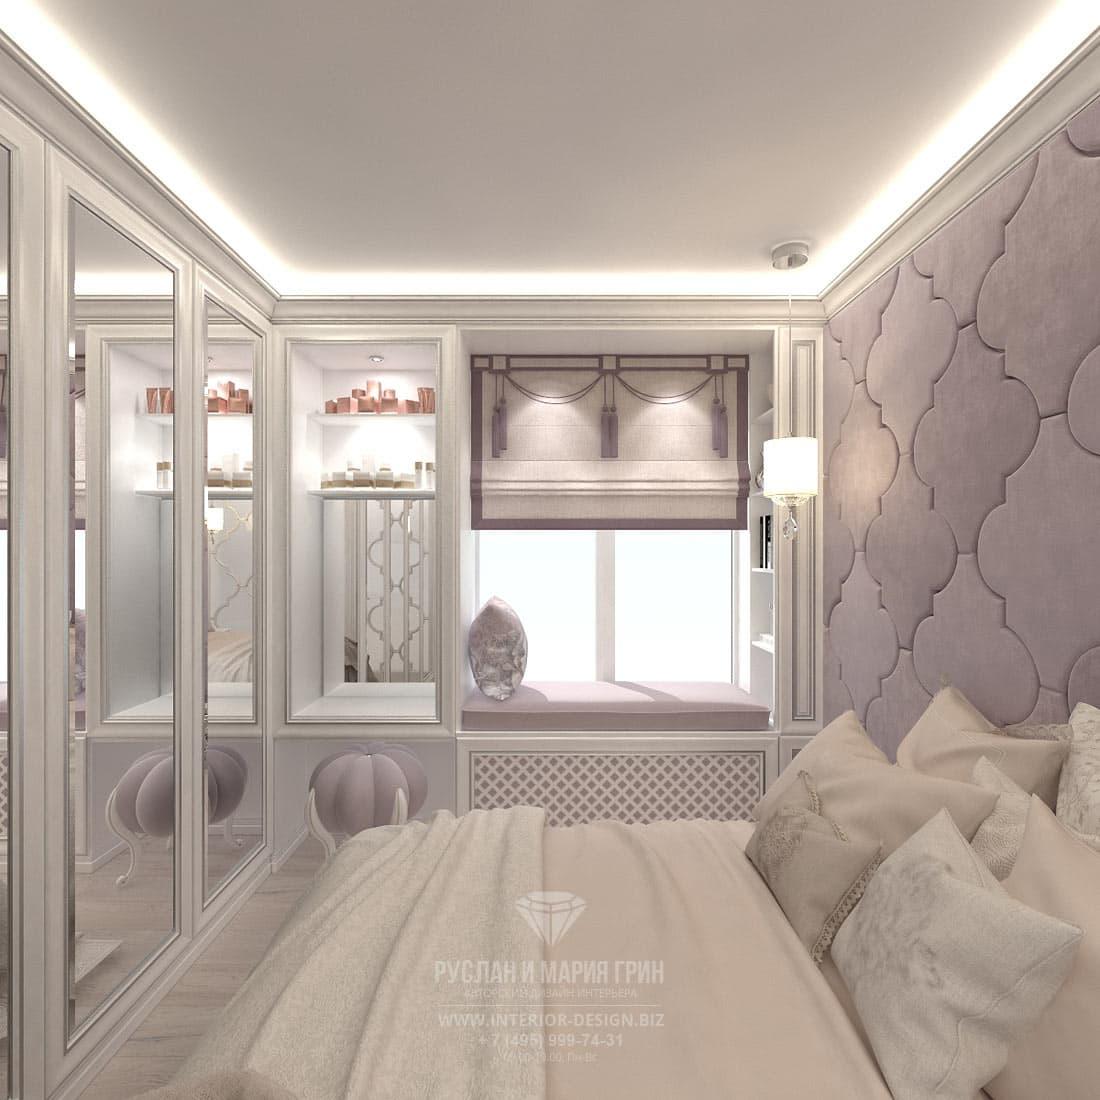 Использование зеркал в дизайне интерьера спальни